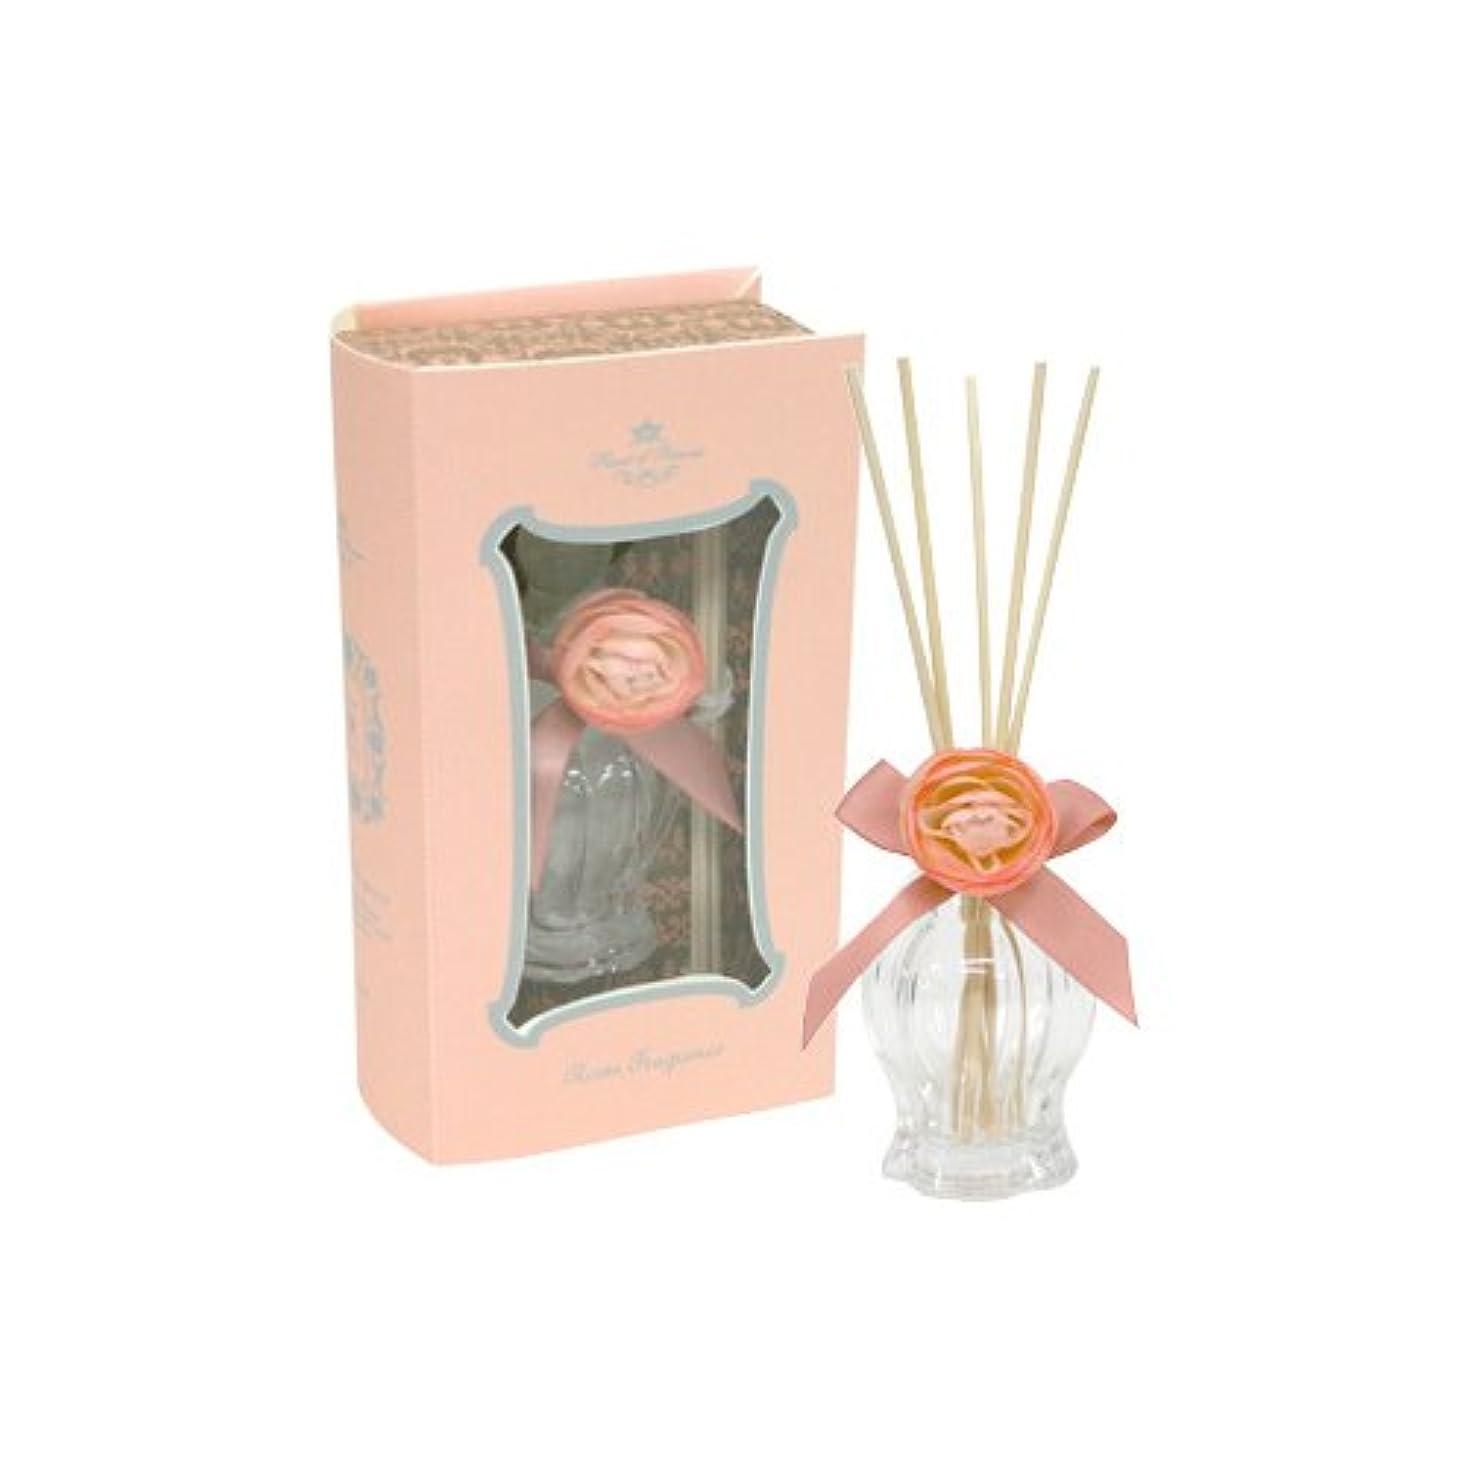 シークレットオブプリンセス ルームフレグランス 人魚姫 45ml(芳香剤 スティックタイプリードディフューザー 可愛らしく温かみのあるミモザの香り)